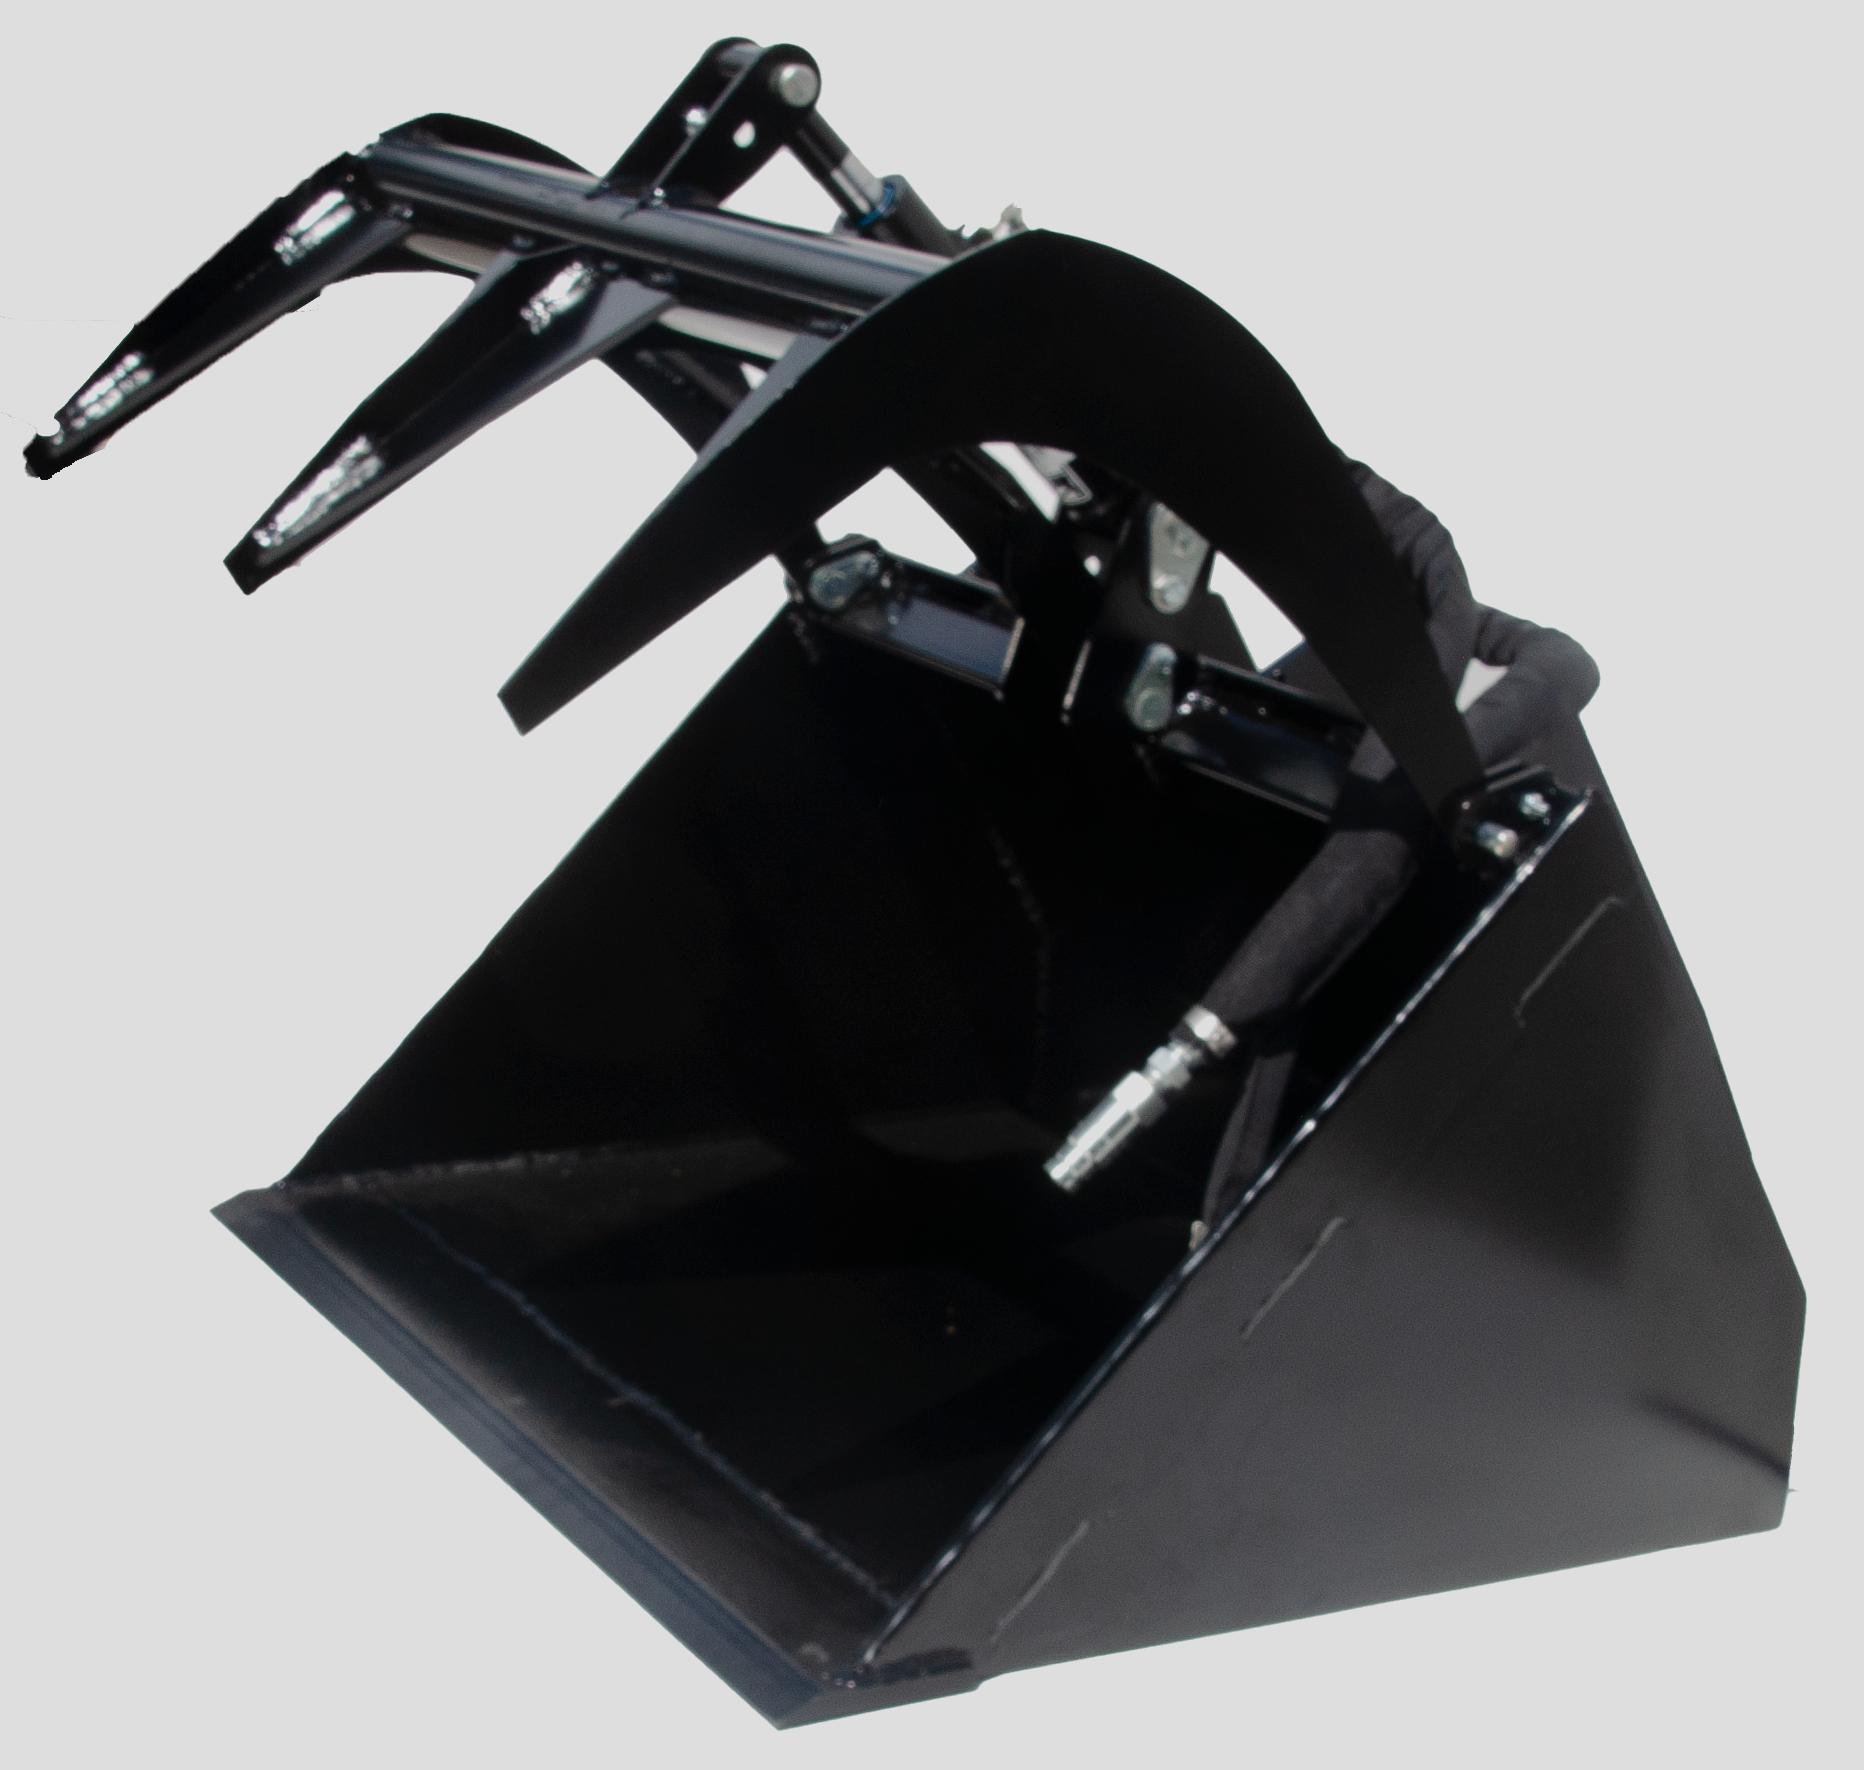 Sherpa Grapple Bucket Attachment